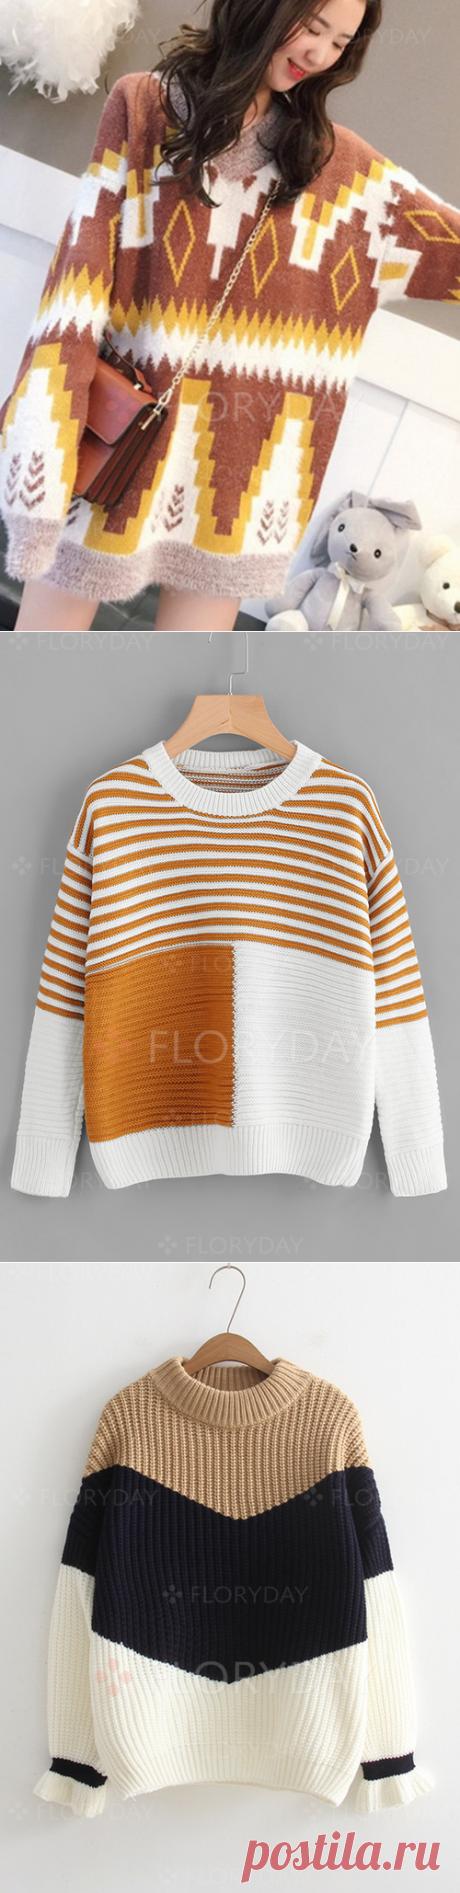 Яркие пуловеры. Идеи для остатков